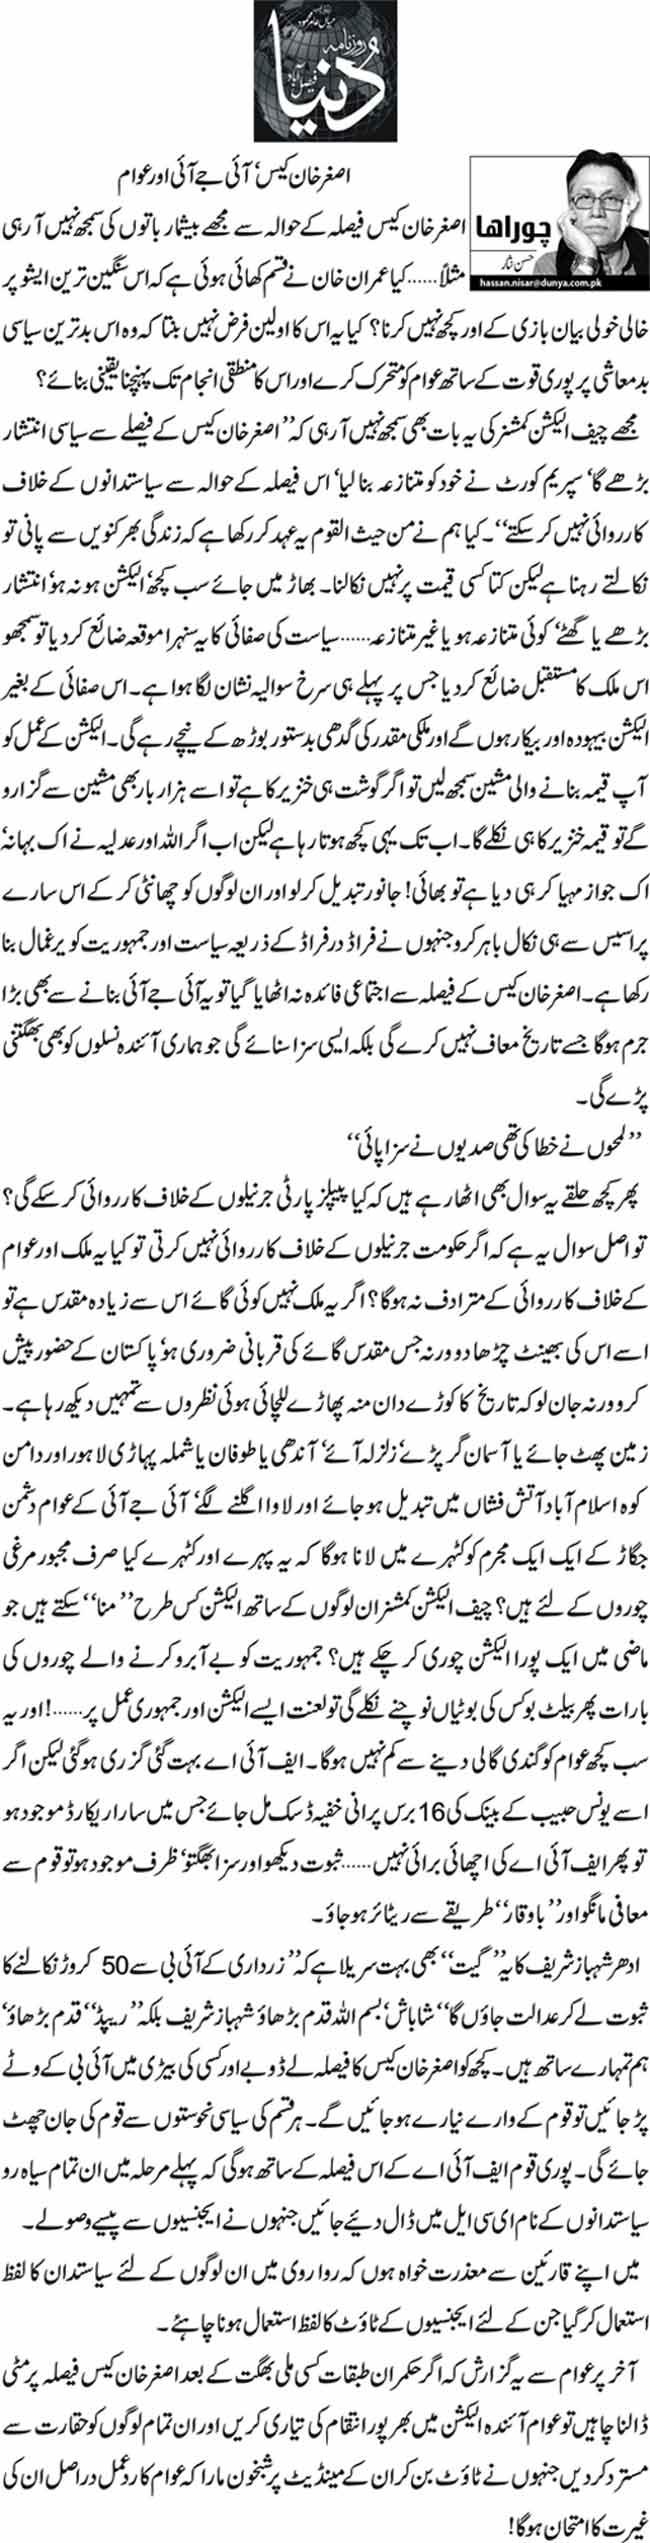 Asghar khan case' I jay i aur awam - Hassan Nisar